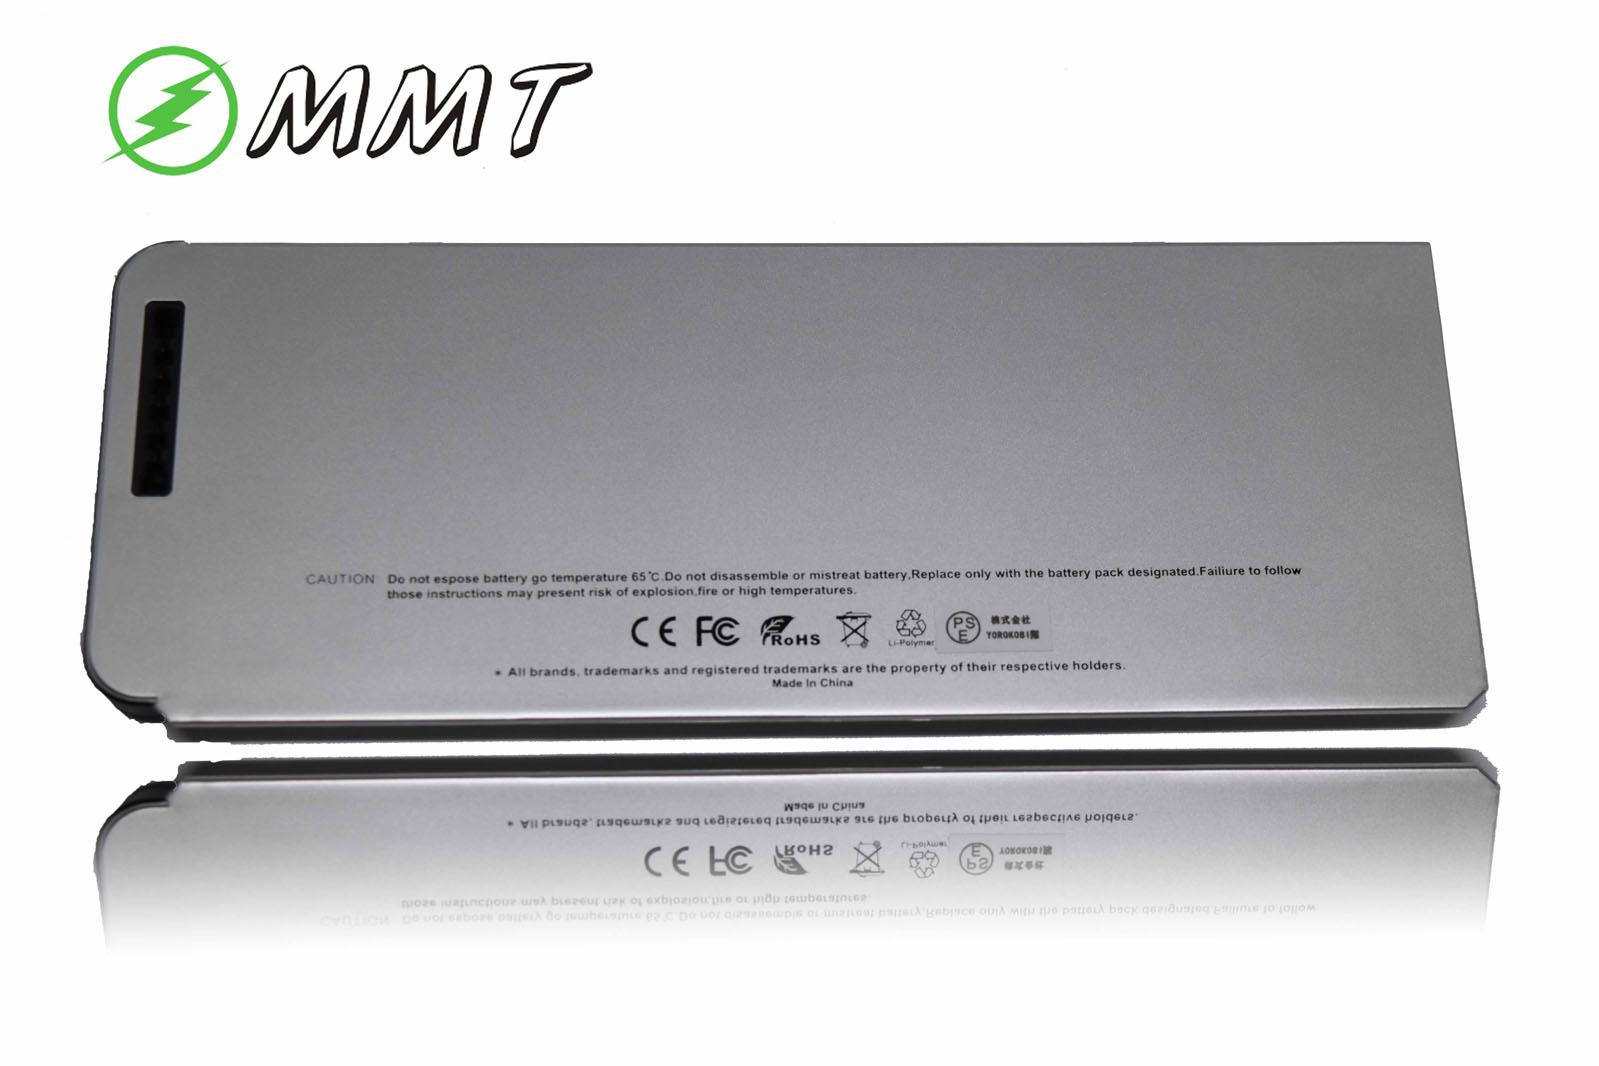 全国送料無料 最安値徹底挑戦 日本最大級の品揃え PSEマーク付 保険加入済み アップル 新品 APPLE MacBook 13 MB771 A 代引き不可 MB771J MB771LL バッテリー インチ の 互換 A1280